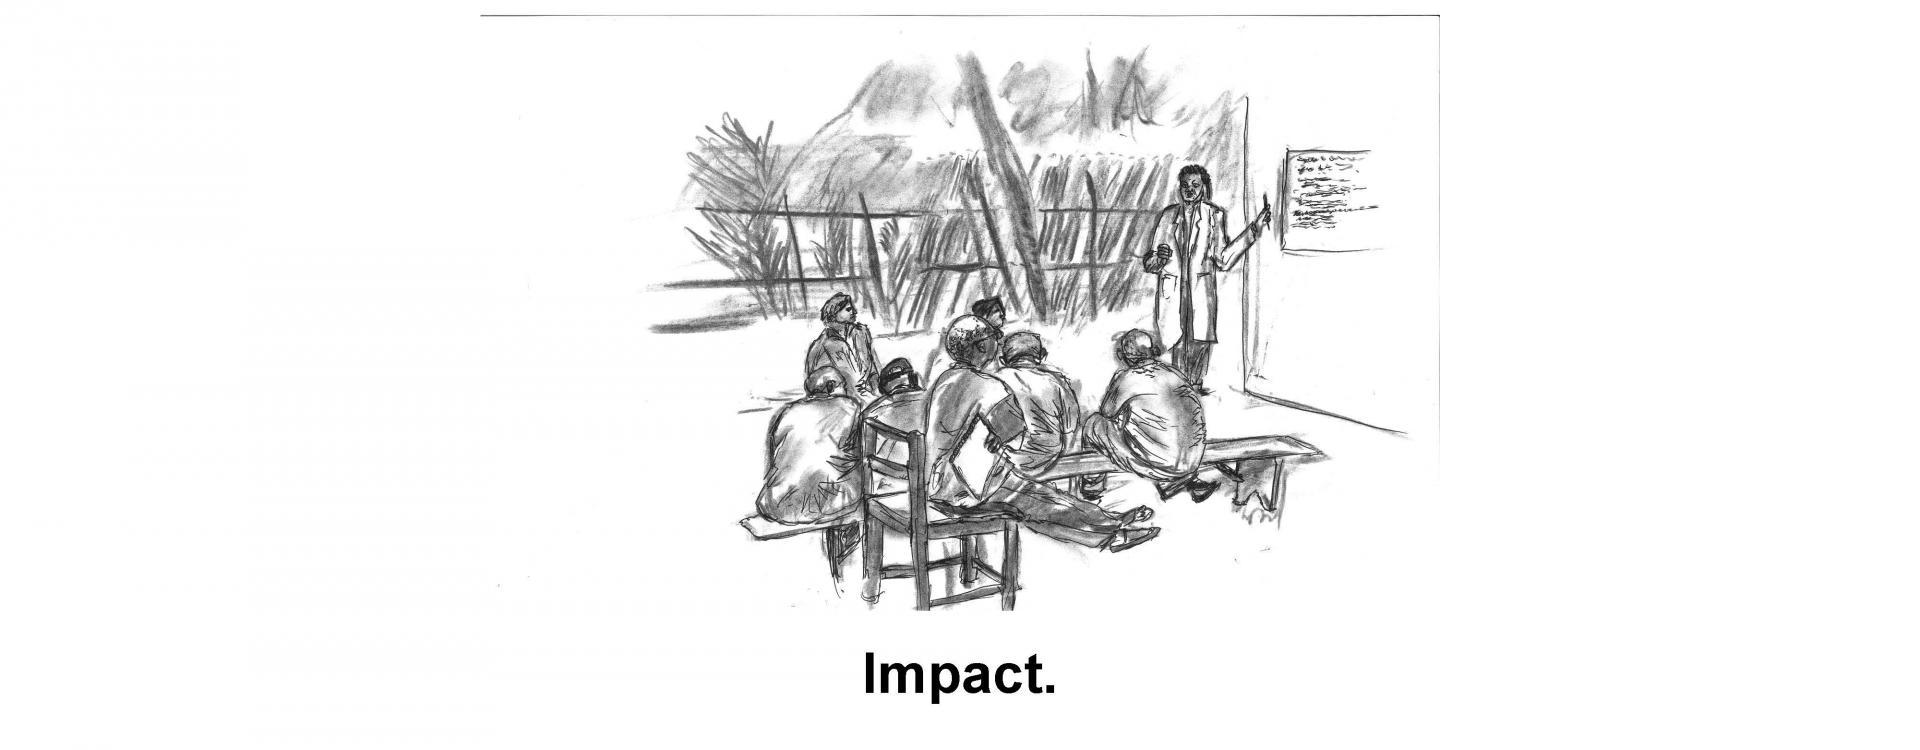 Impact.